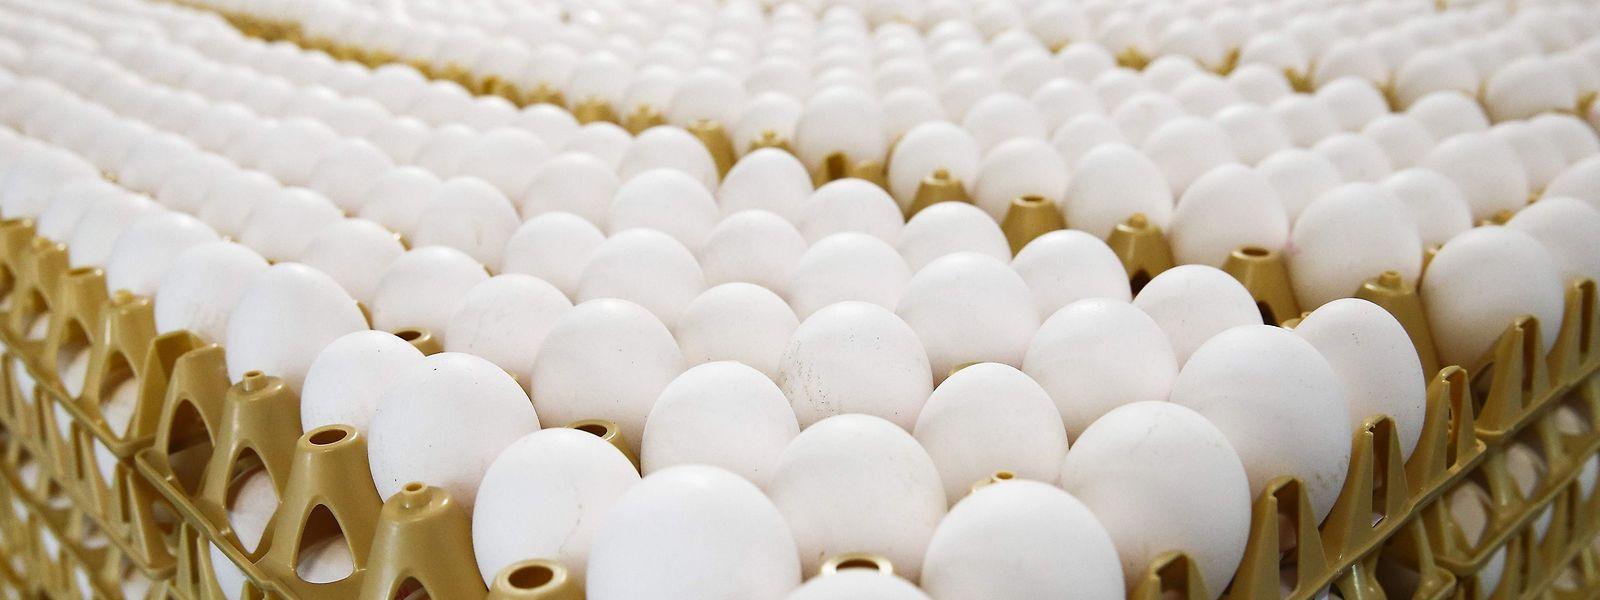 Eier von einer Farm aus den Niederlanden.